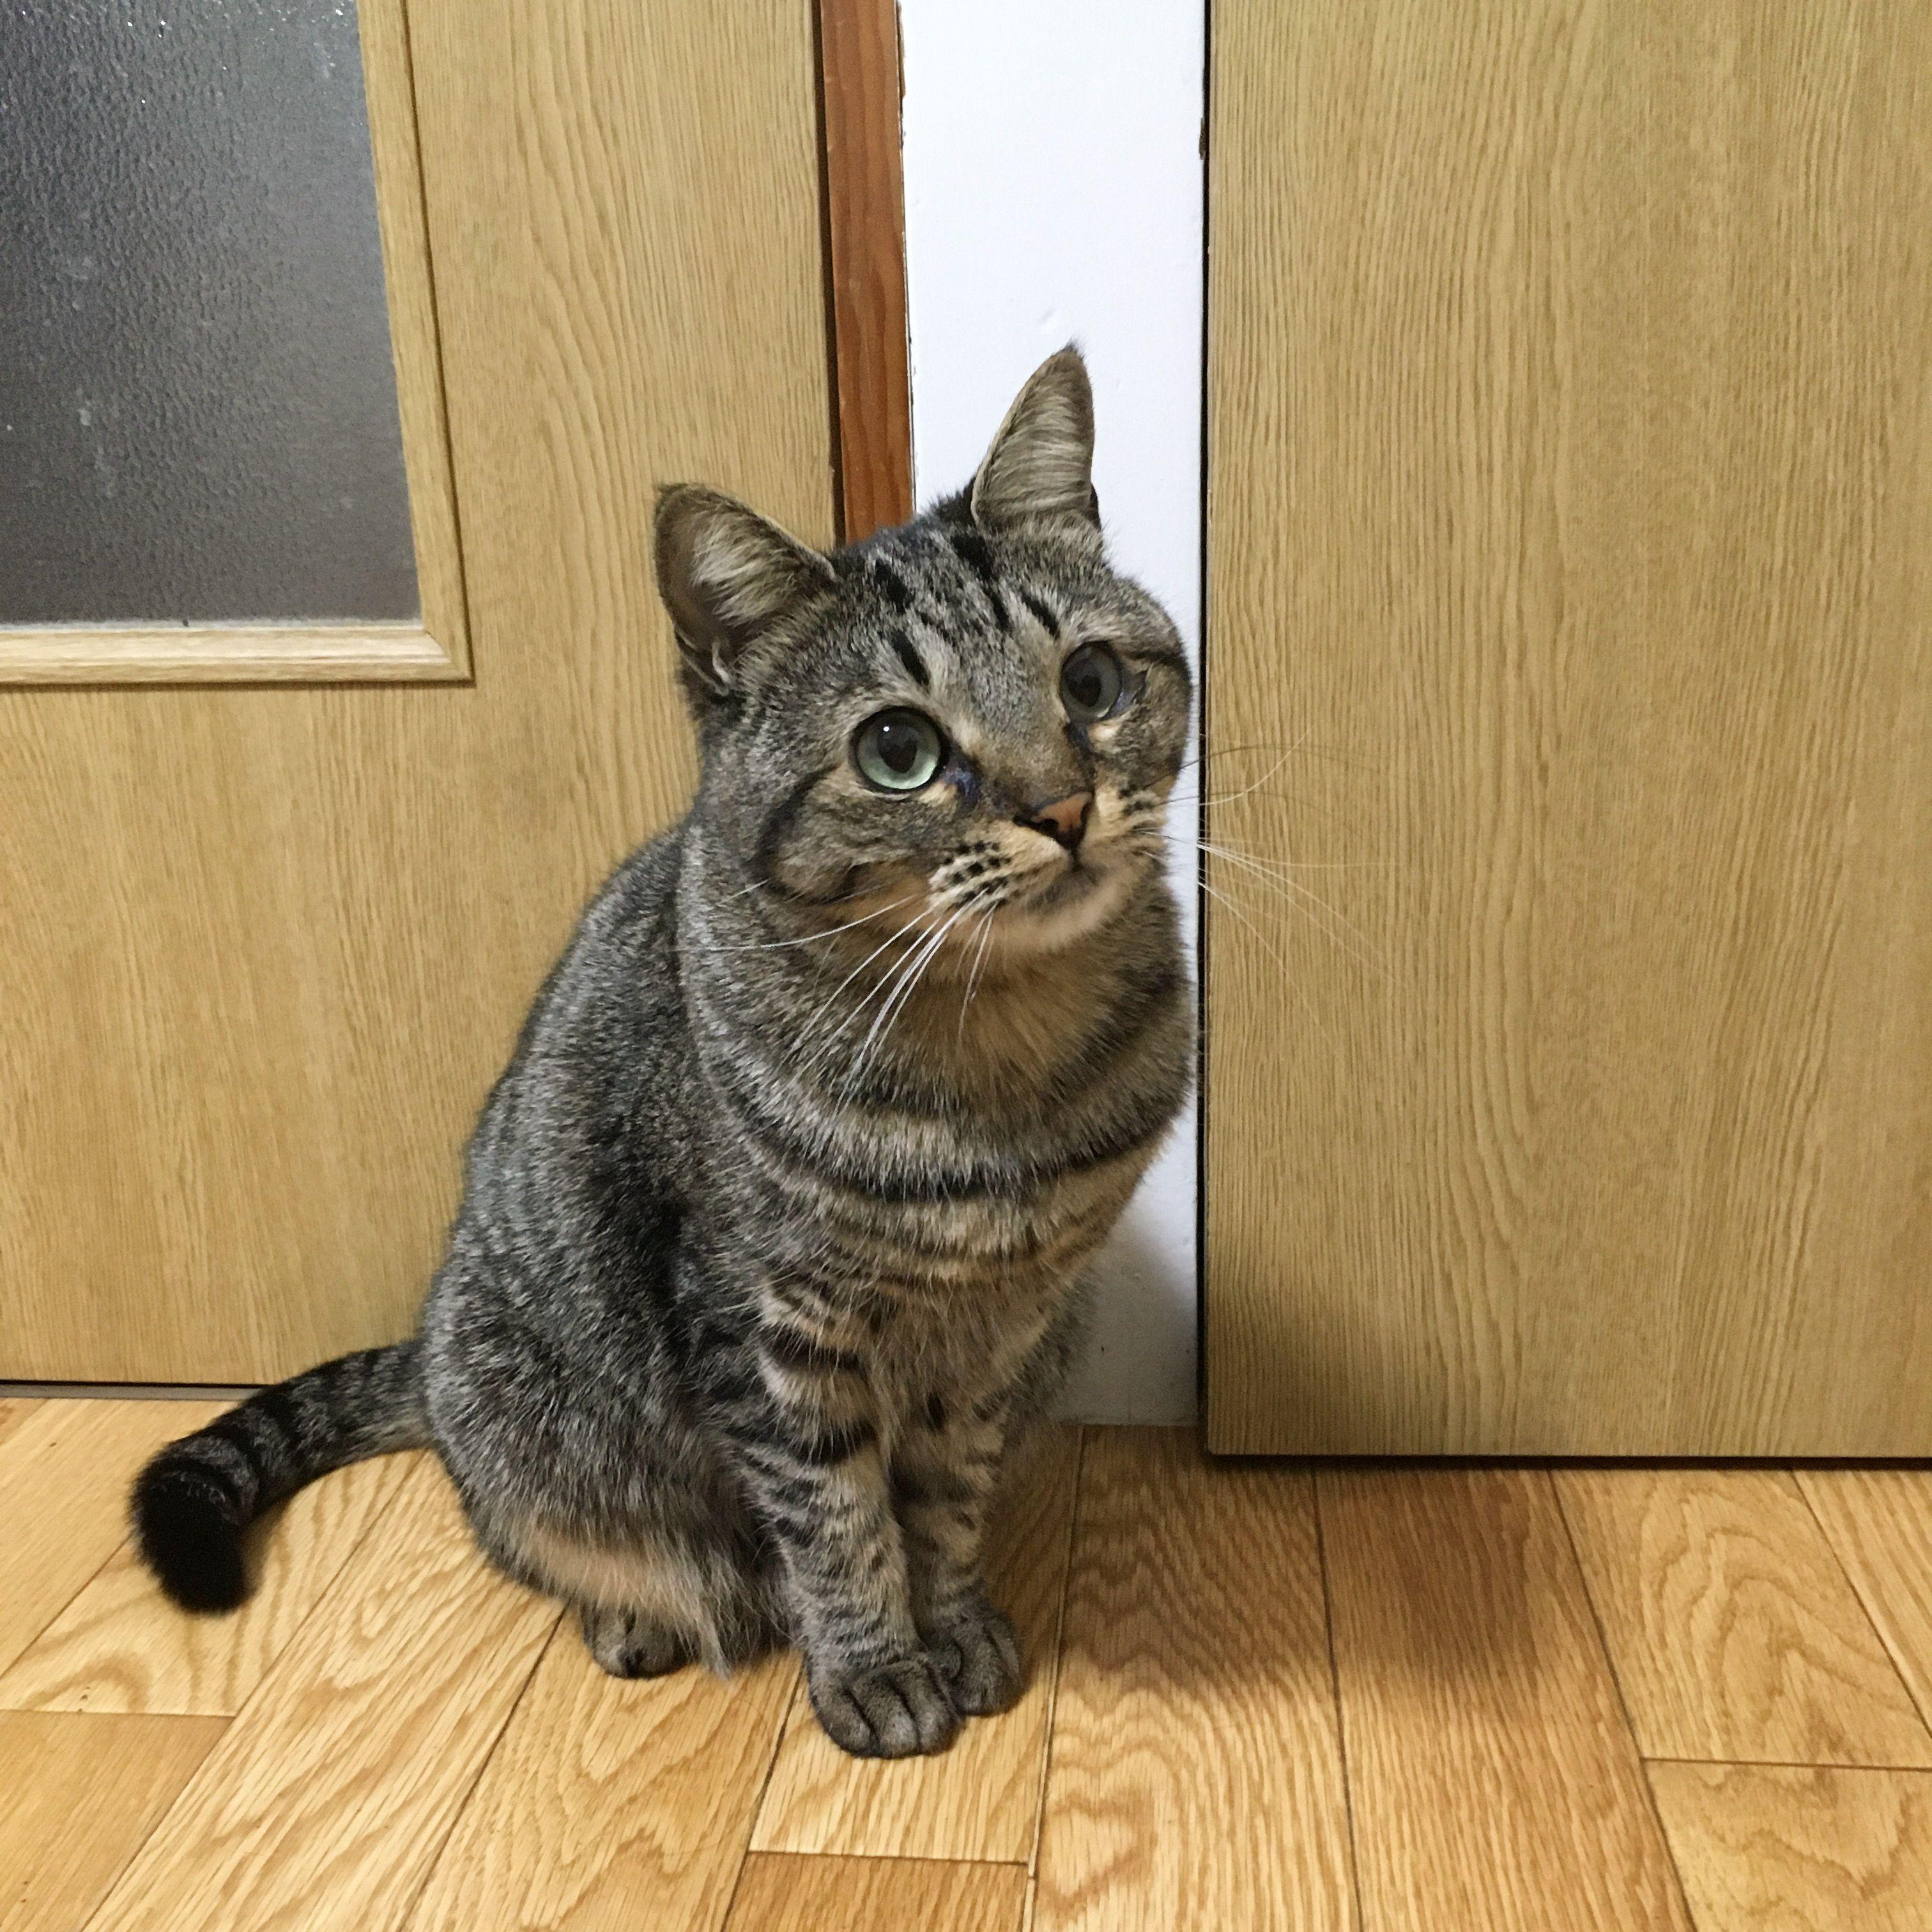 猫は飼い主に似る 猫 動物 子猫